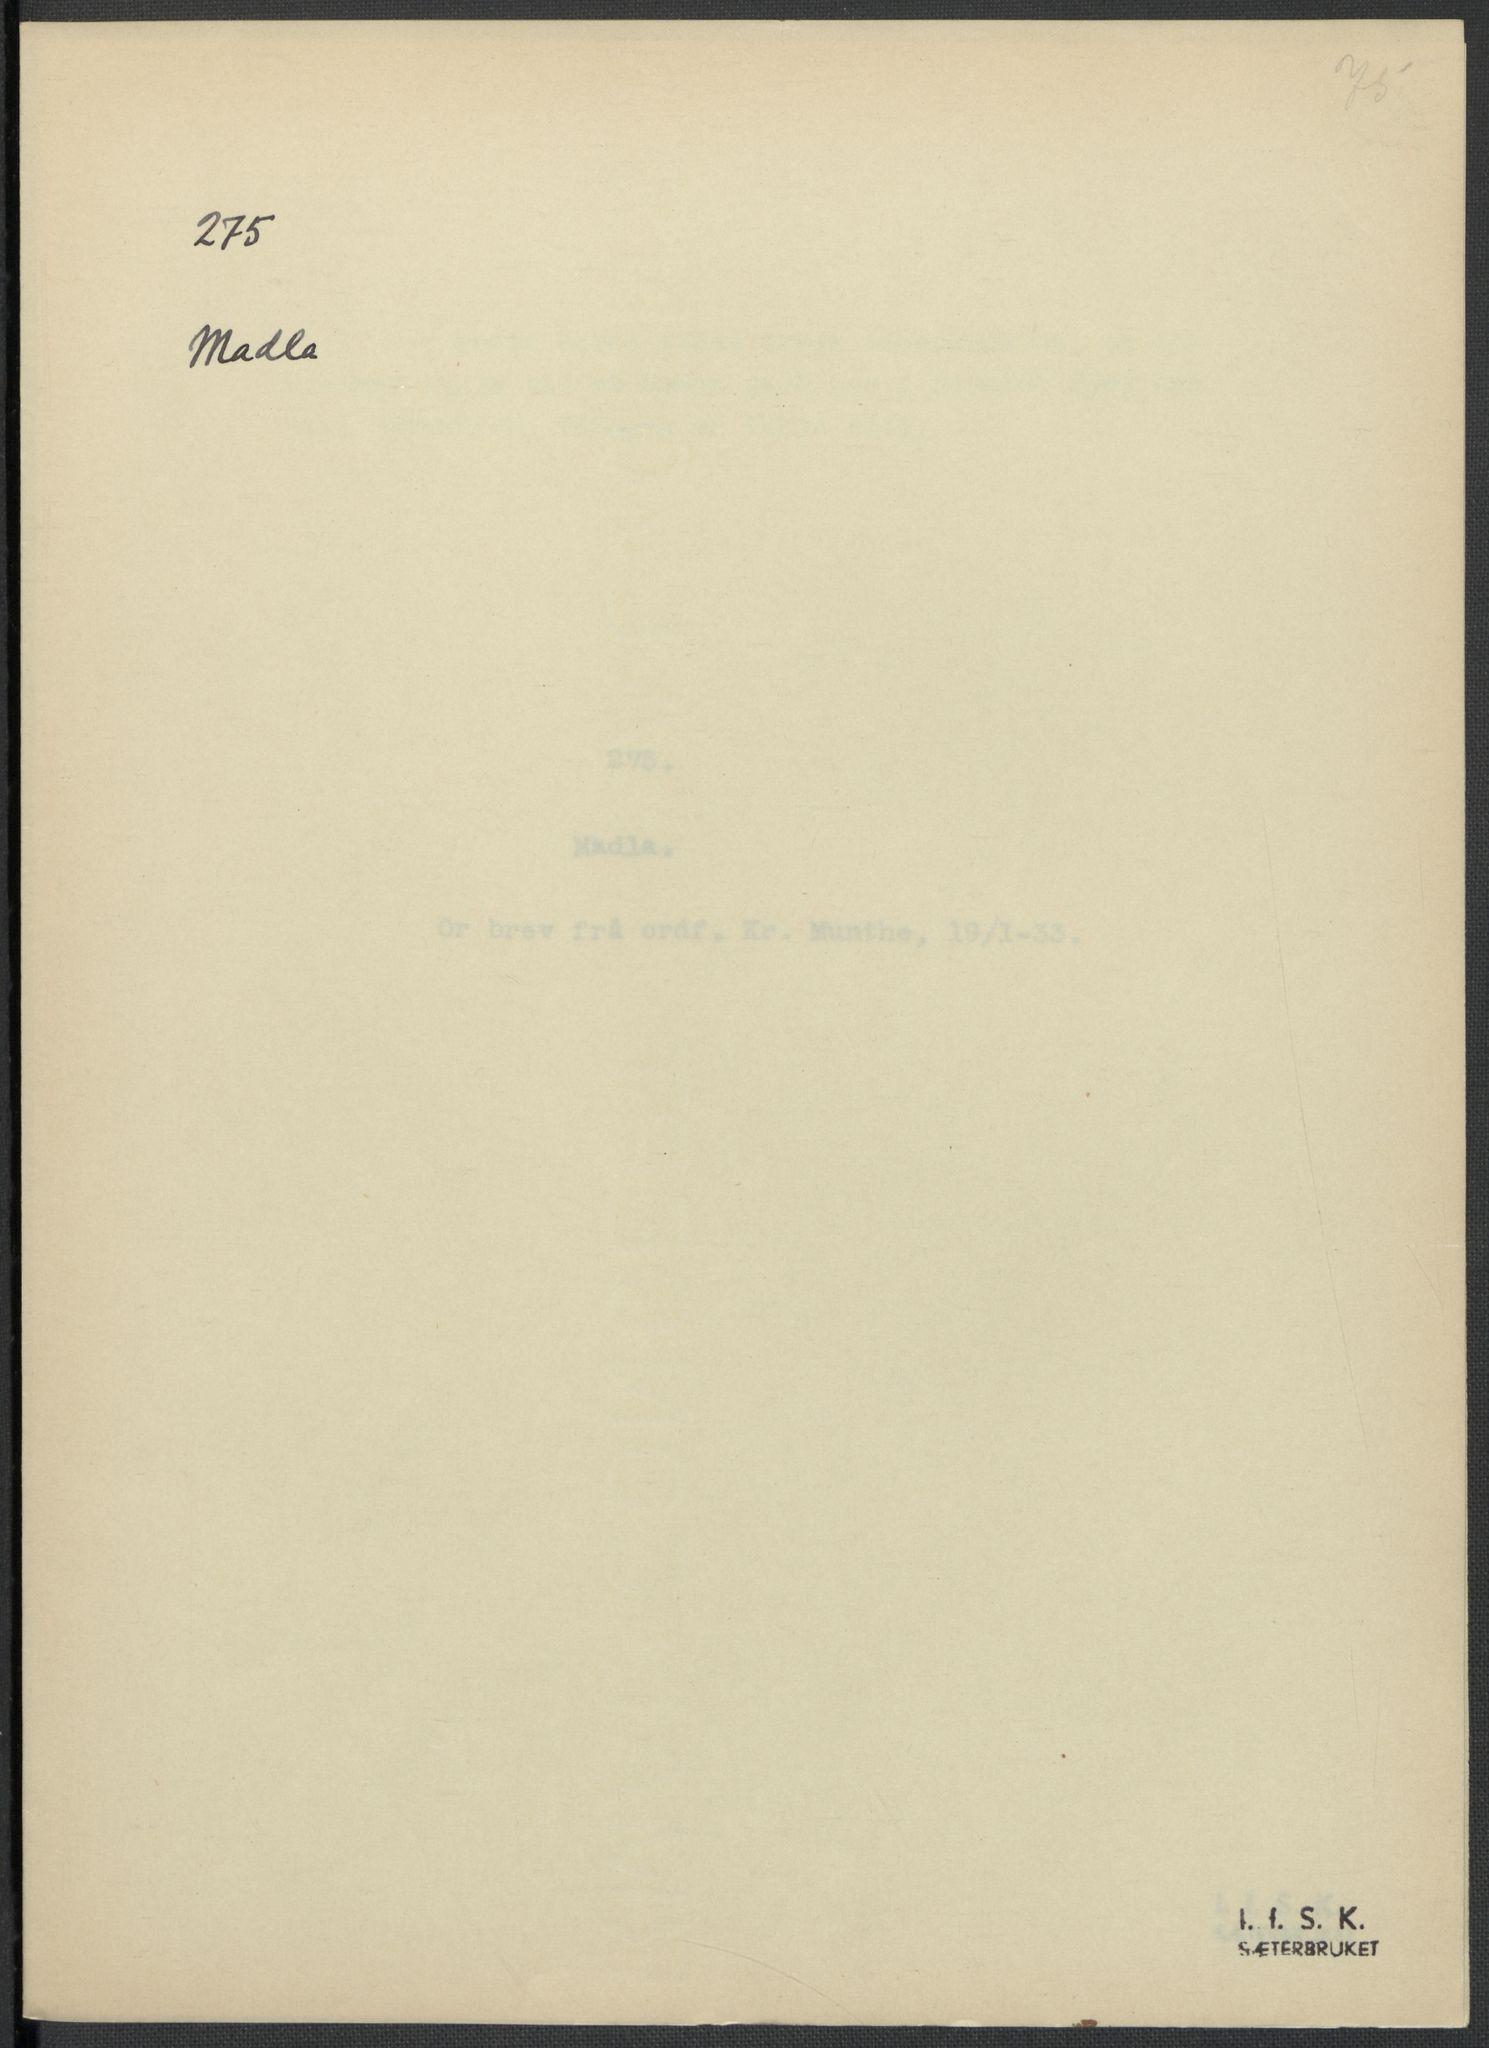 RA, Instituttet for sammenlignende kulturforskning, F/Fc/L0009: Eske B9:, 1932-1935, s. 75